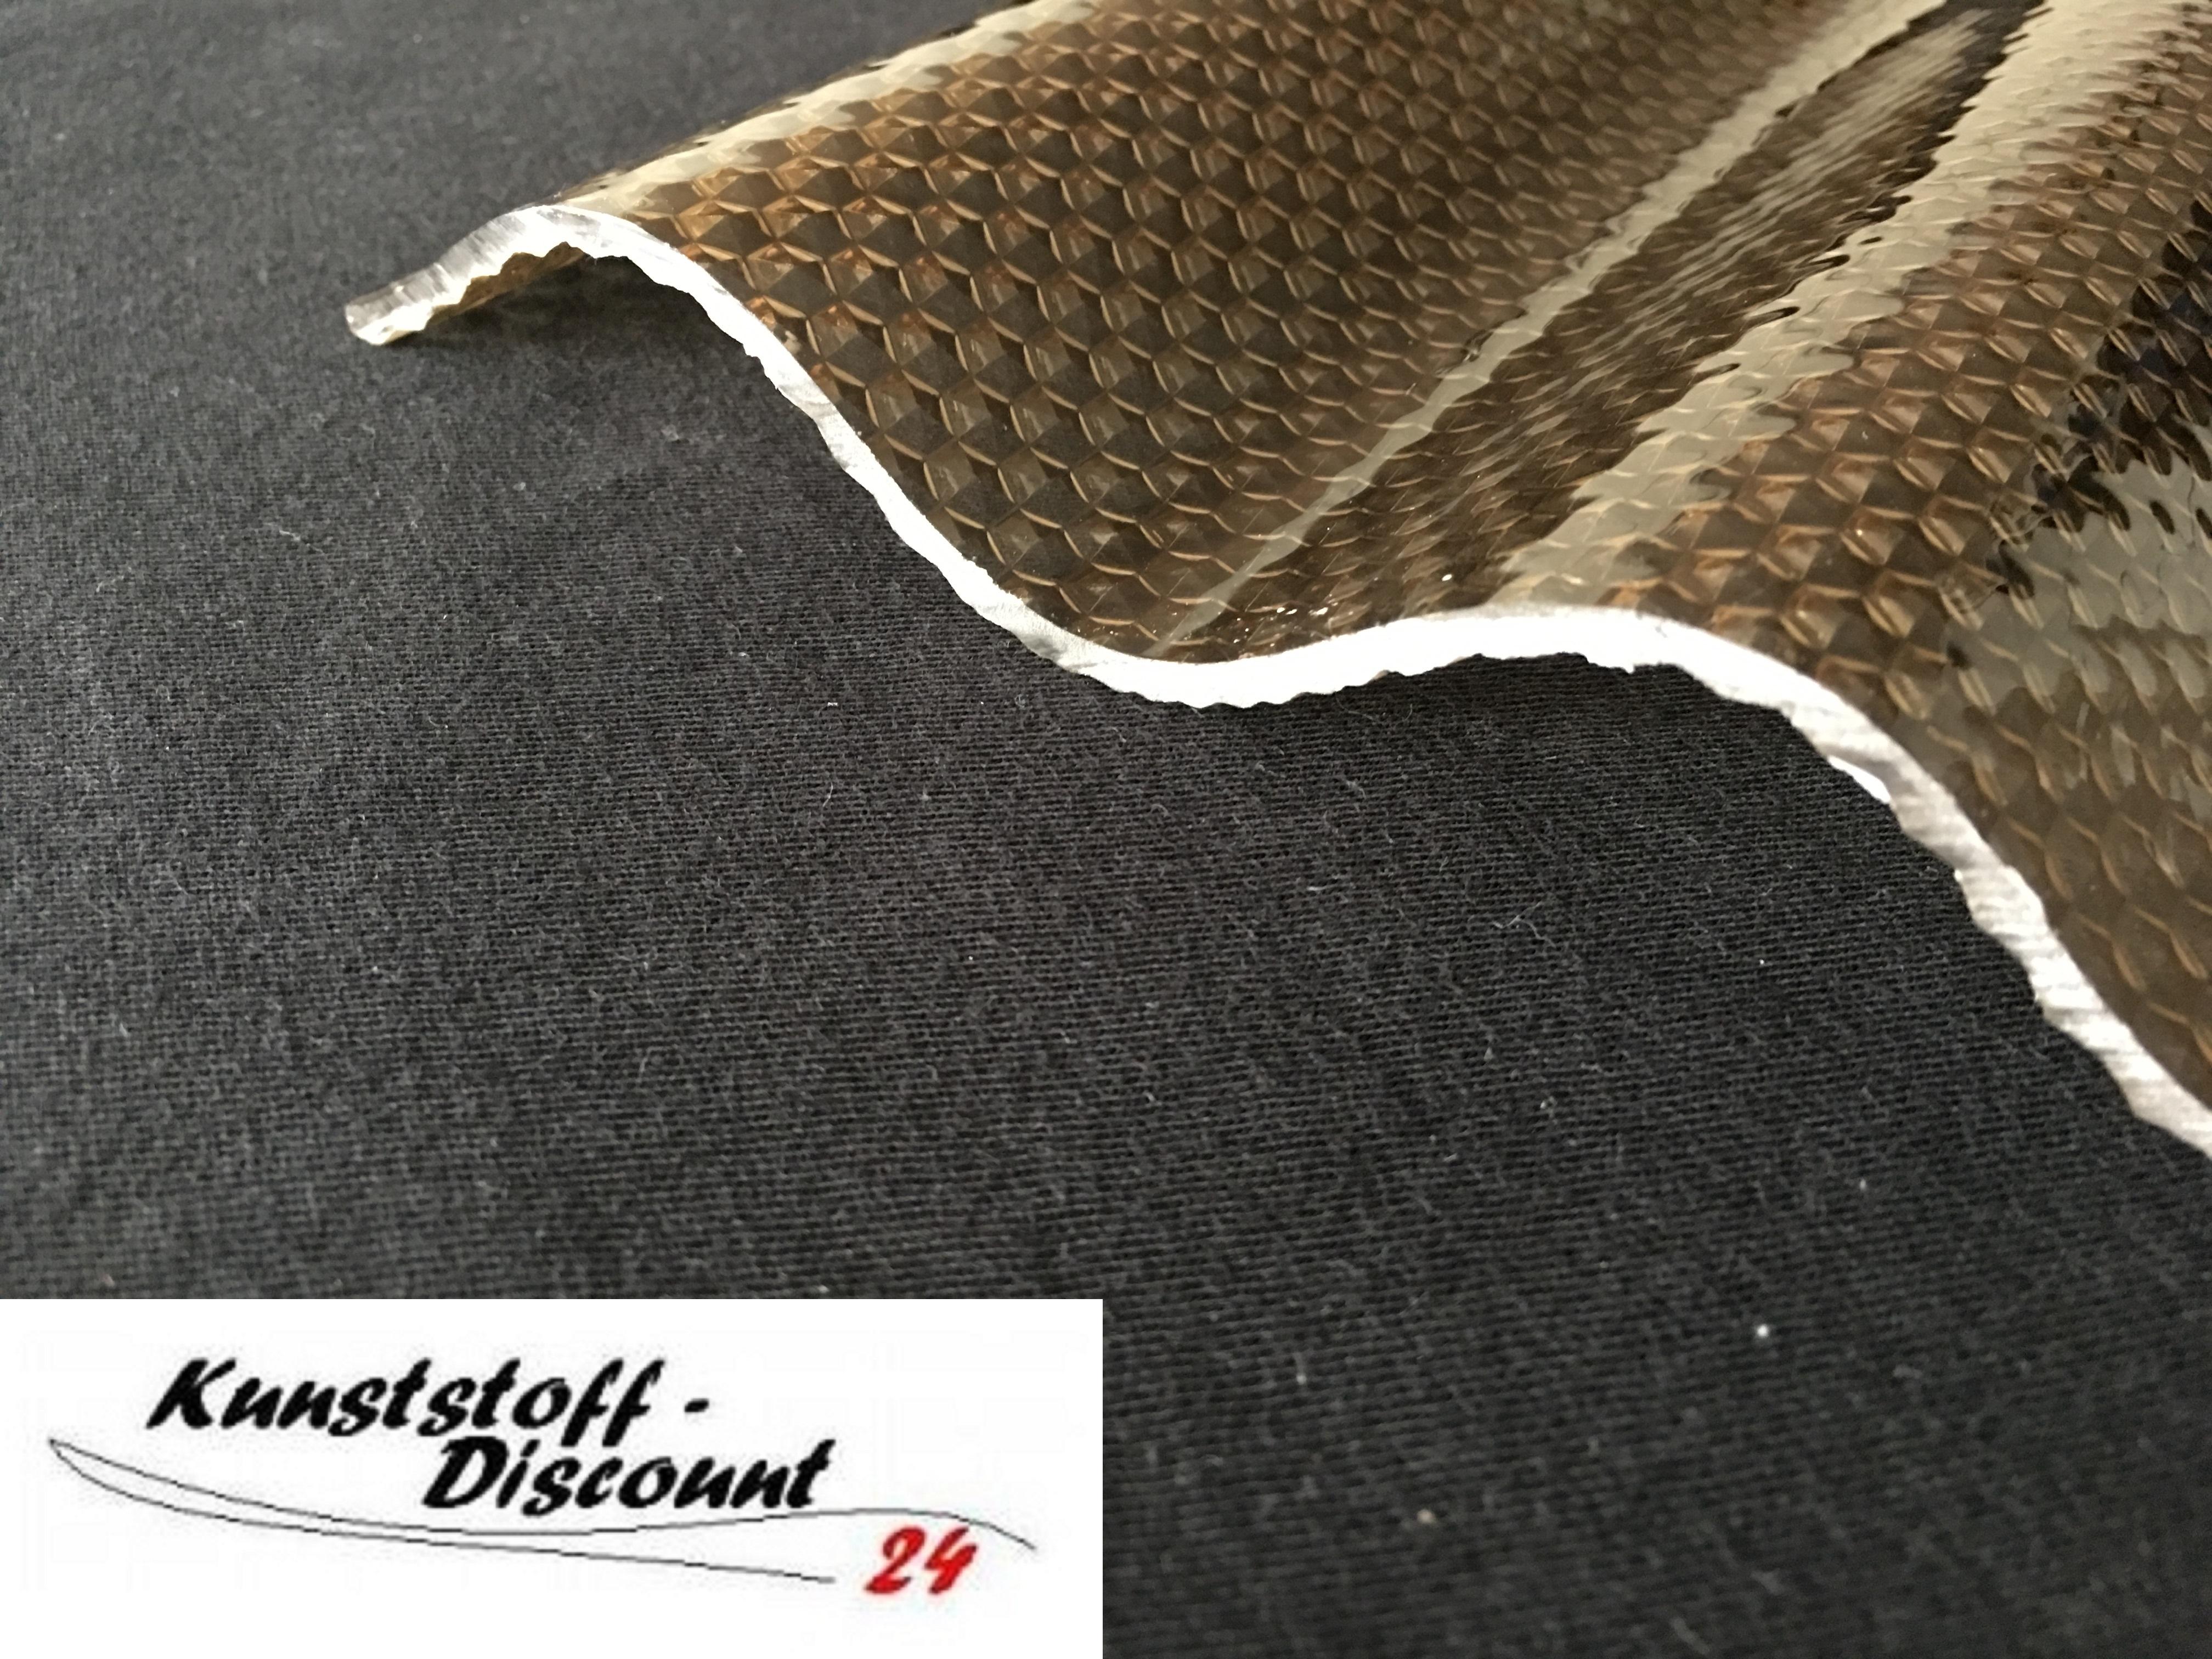 Wellplatten Plexiglas Resist Bronze Braun Wabe 7618 Sinusprofil Sonderposten